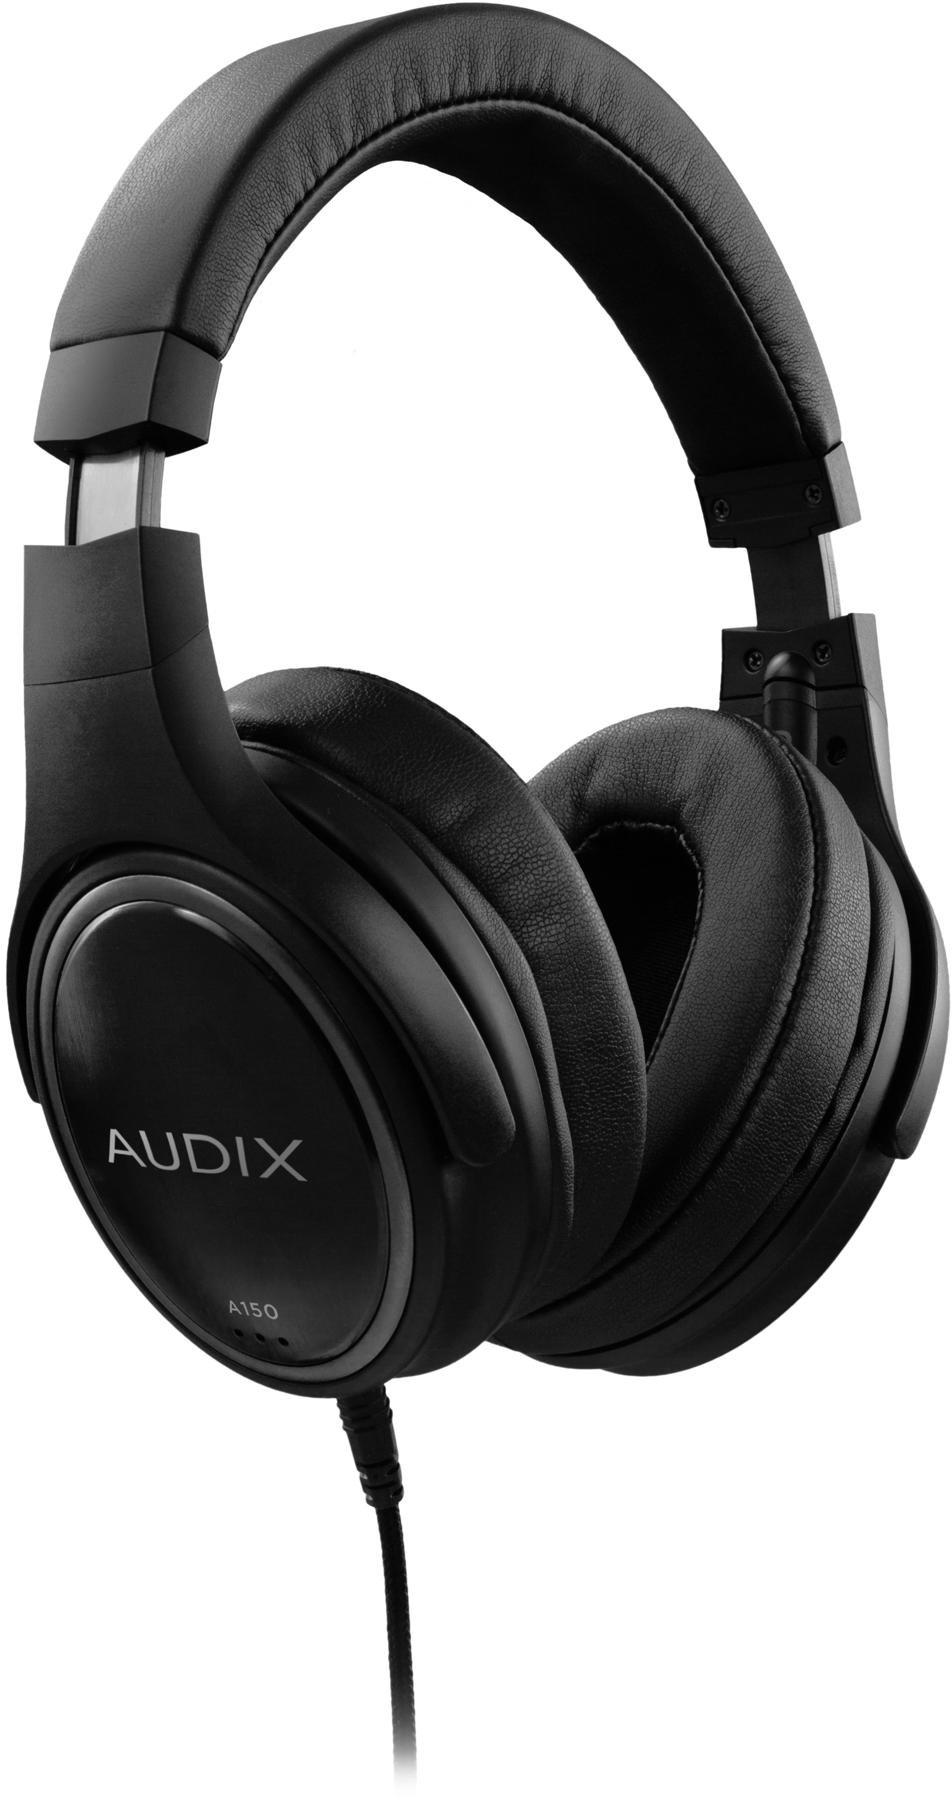 Audix A150 Hi-Resolution Studio Headphones